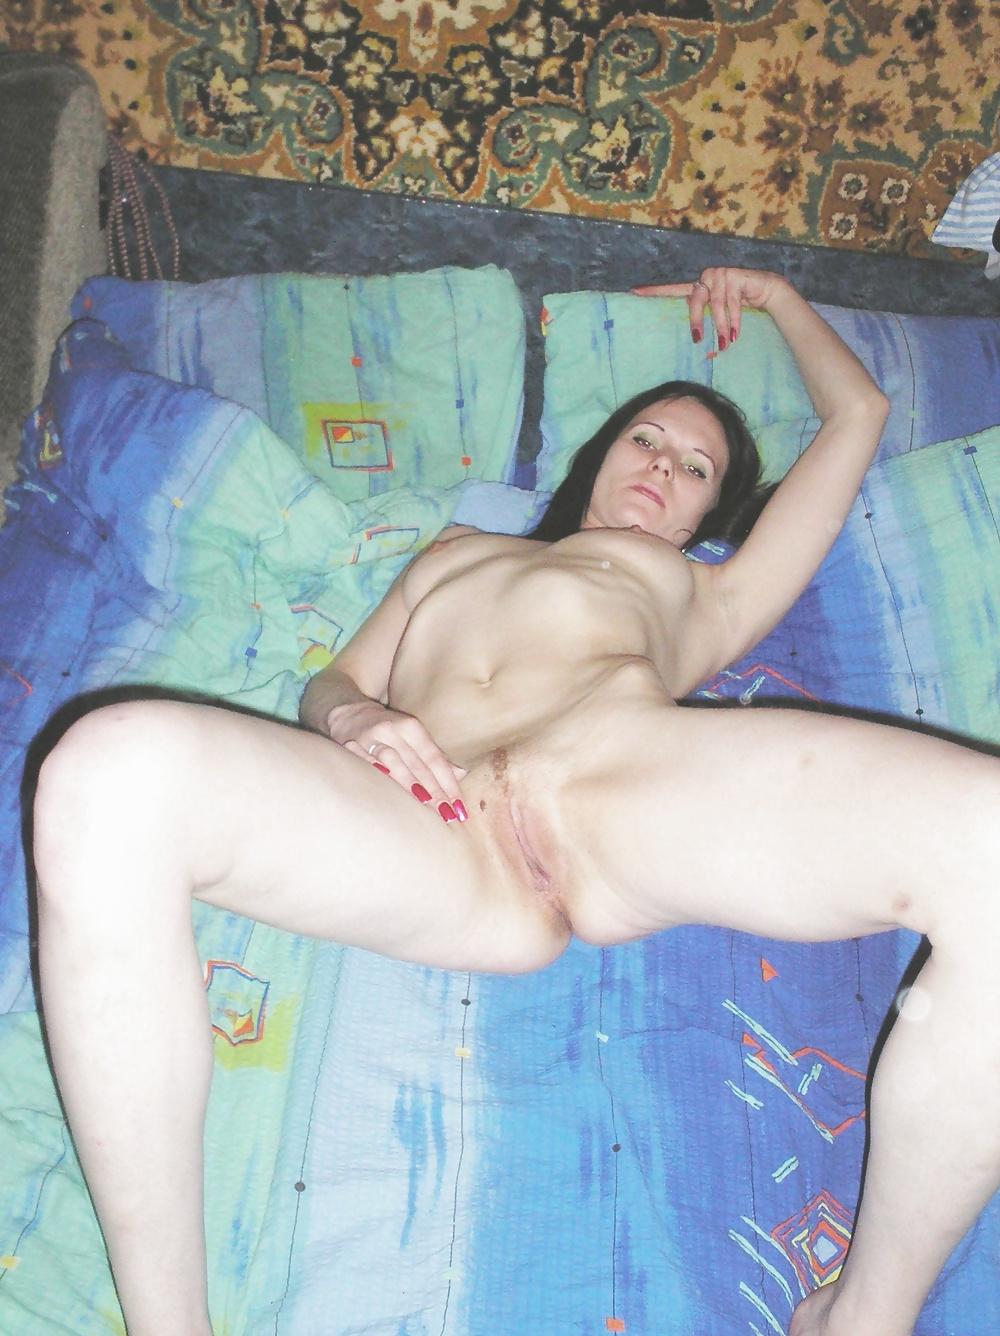 Сидит члене фото порно натальи усольцевой ирбит трансы оргия